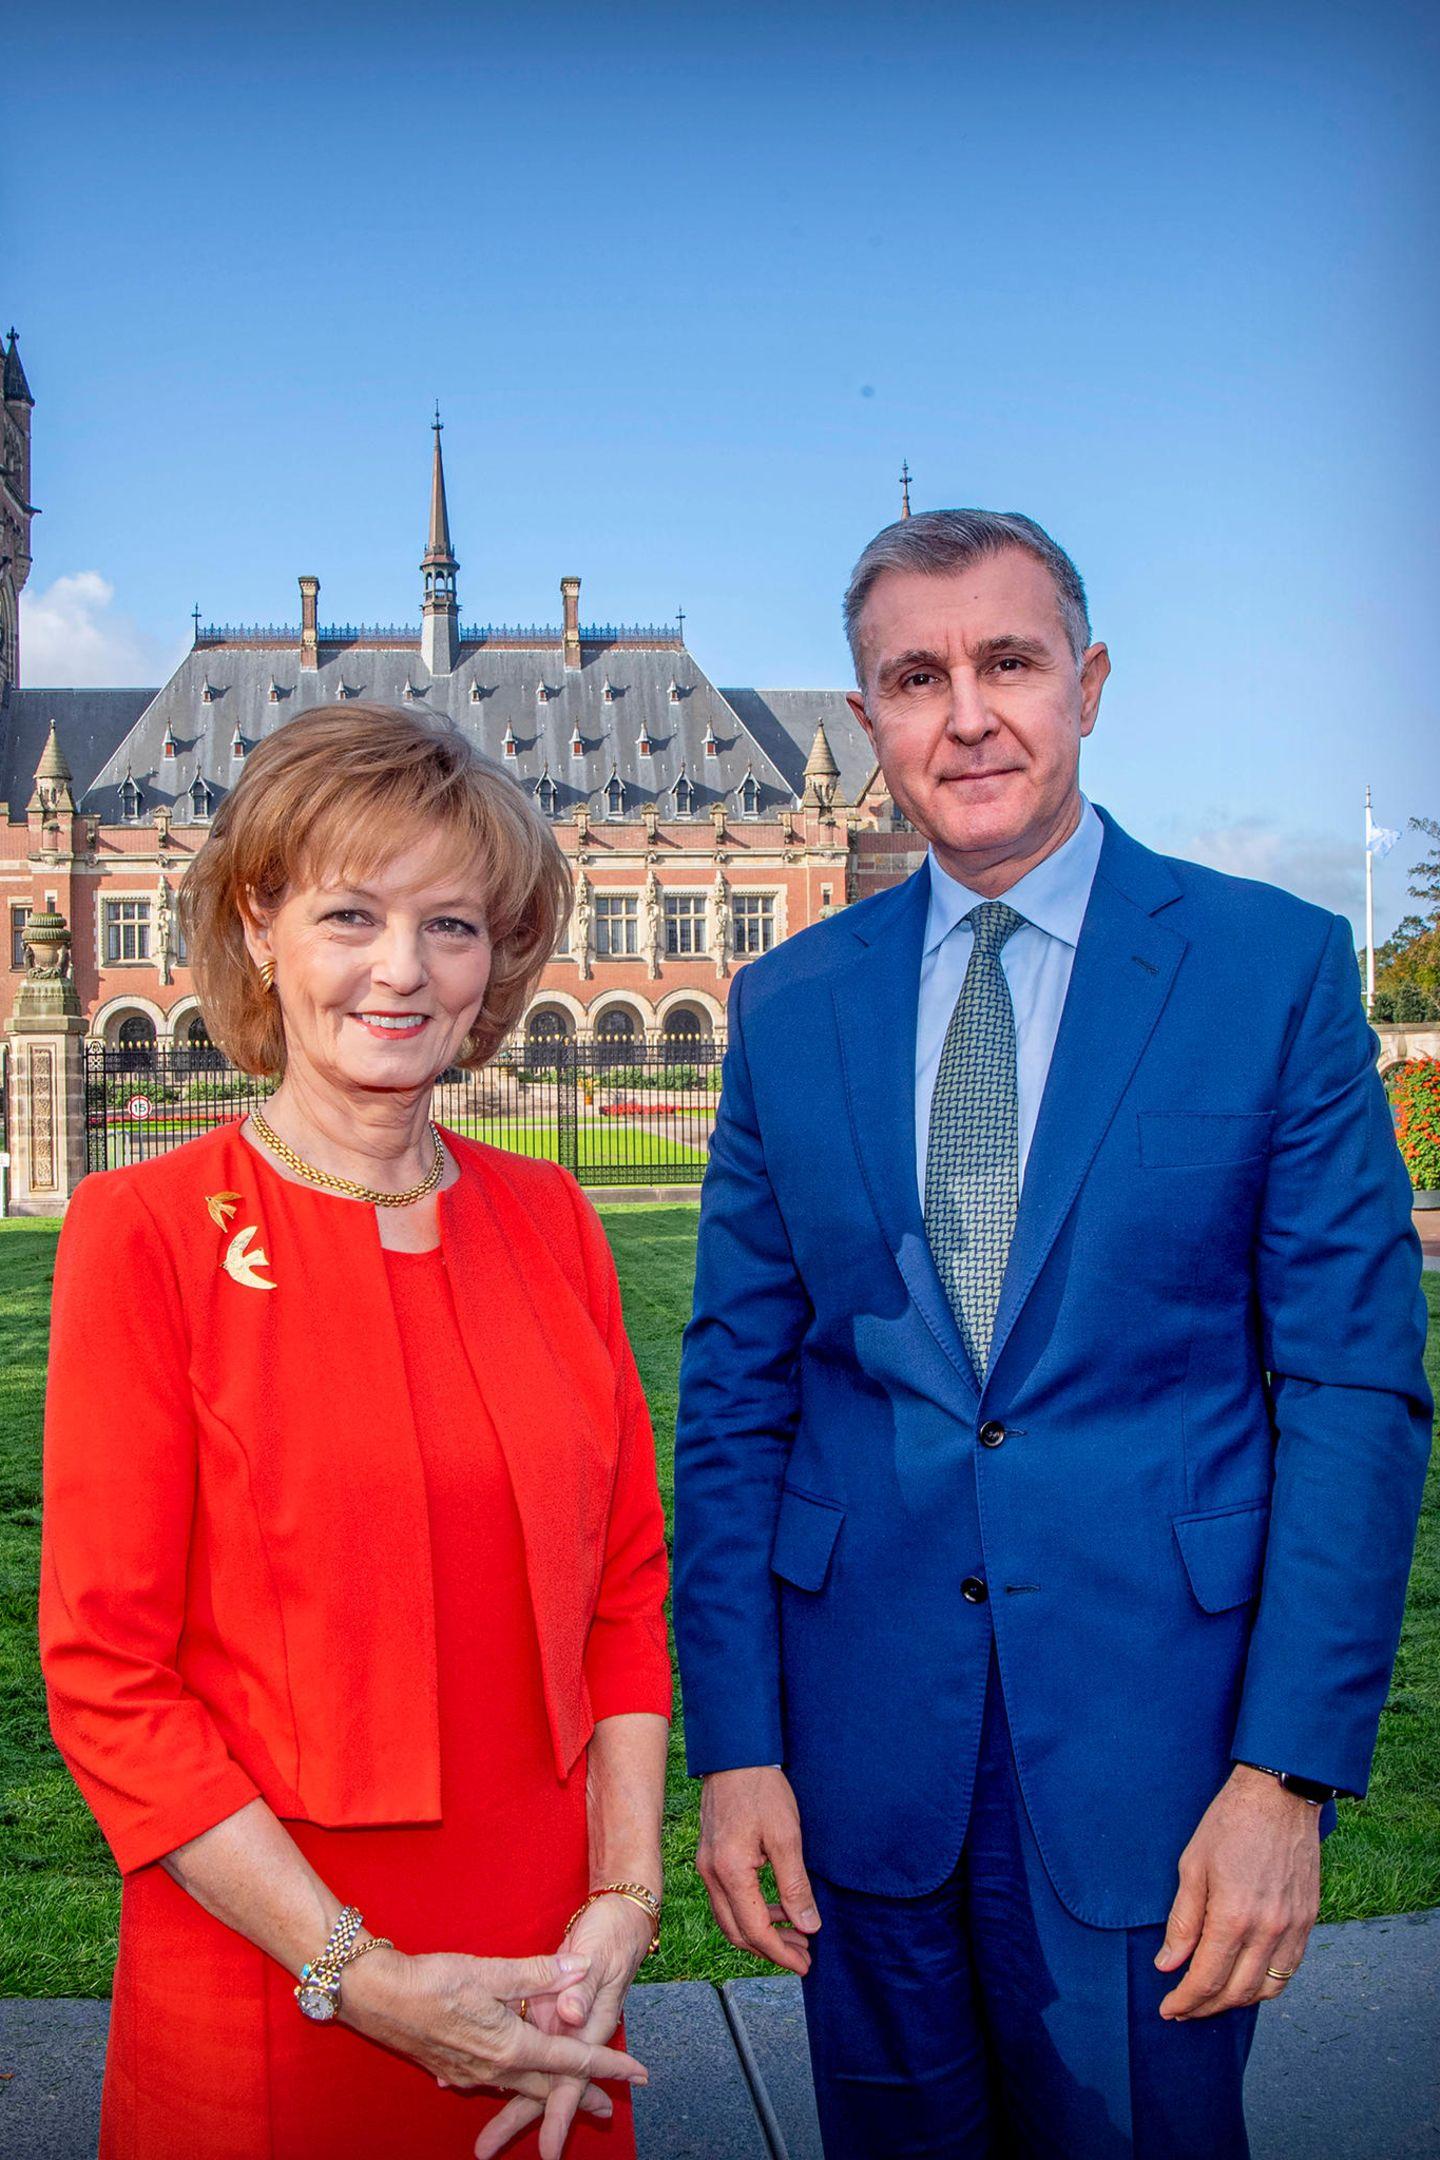 10. Oktober 2019  Seltene Gäste: Prinzessin Margarita und Prinz Radu von Rumänien sind für einen dreitägigen Besuch in die Niederlande gereist. Ihren Aufenthalt starten sie am Internationalen Gerichtshof in Den Haag.